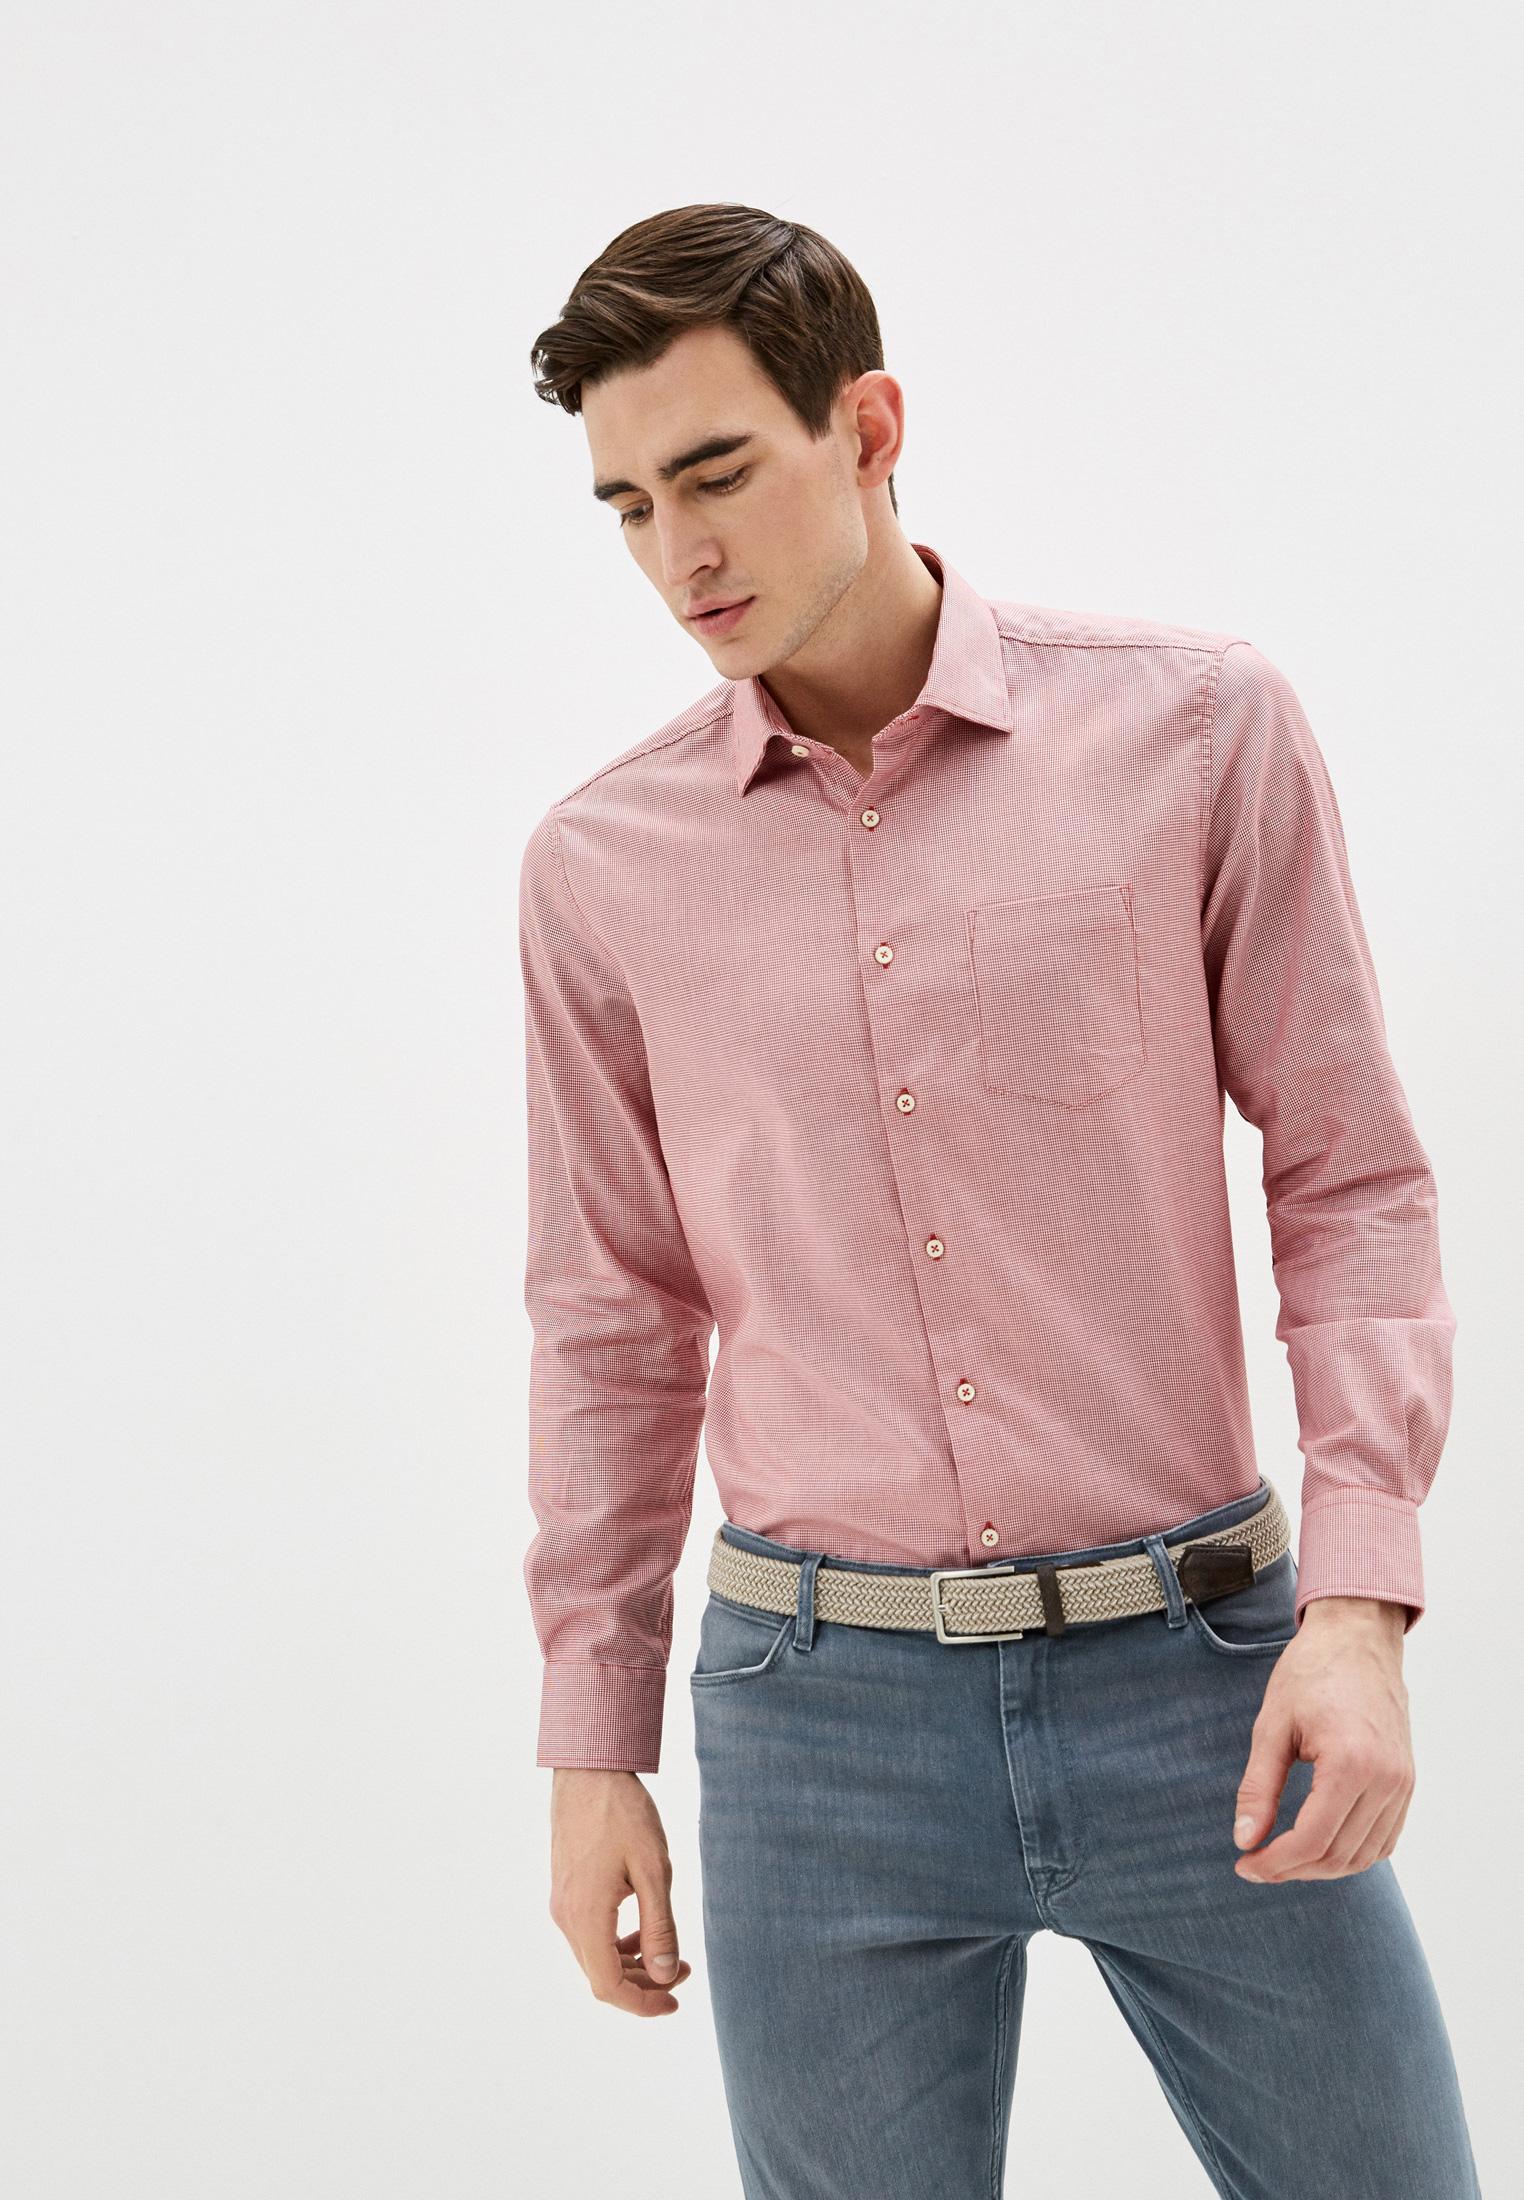 Рубашка с длинным рукавом Pierre Cardin (Пьер Кардин) 5797.27001.9043